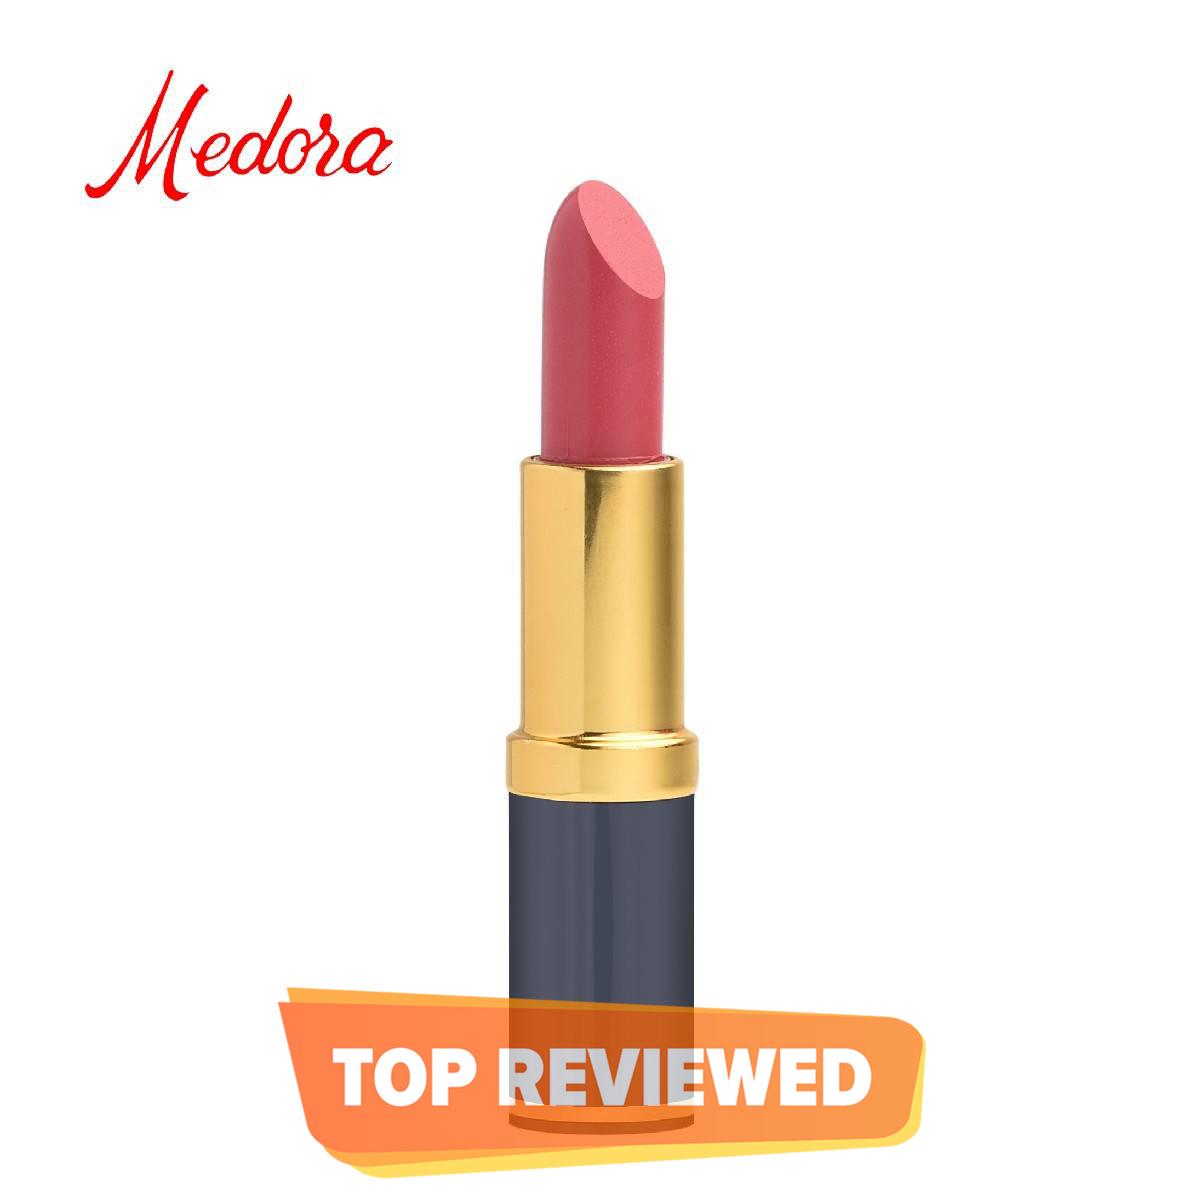 MEDORA Matte Lipstick- 563 BABY PINK